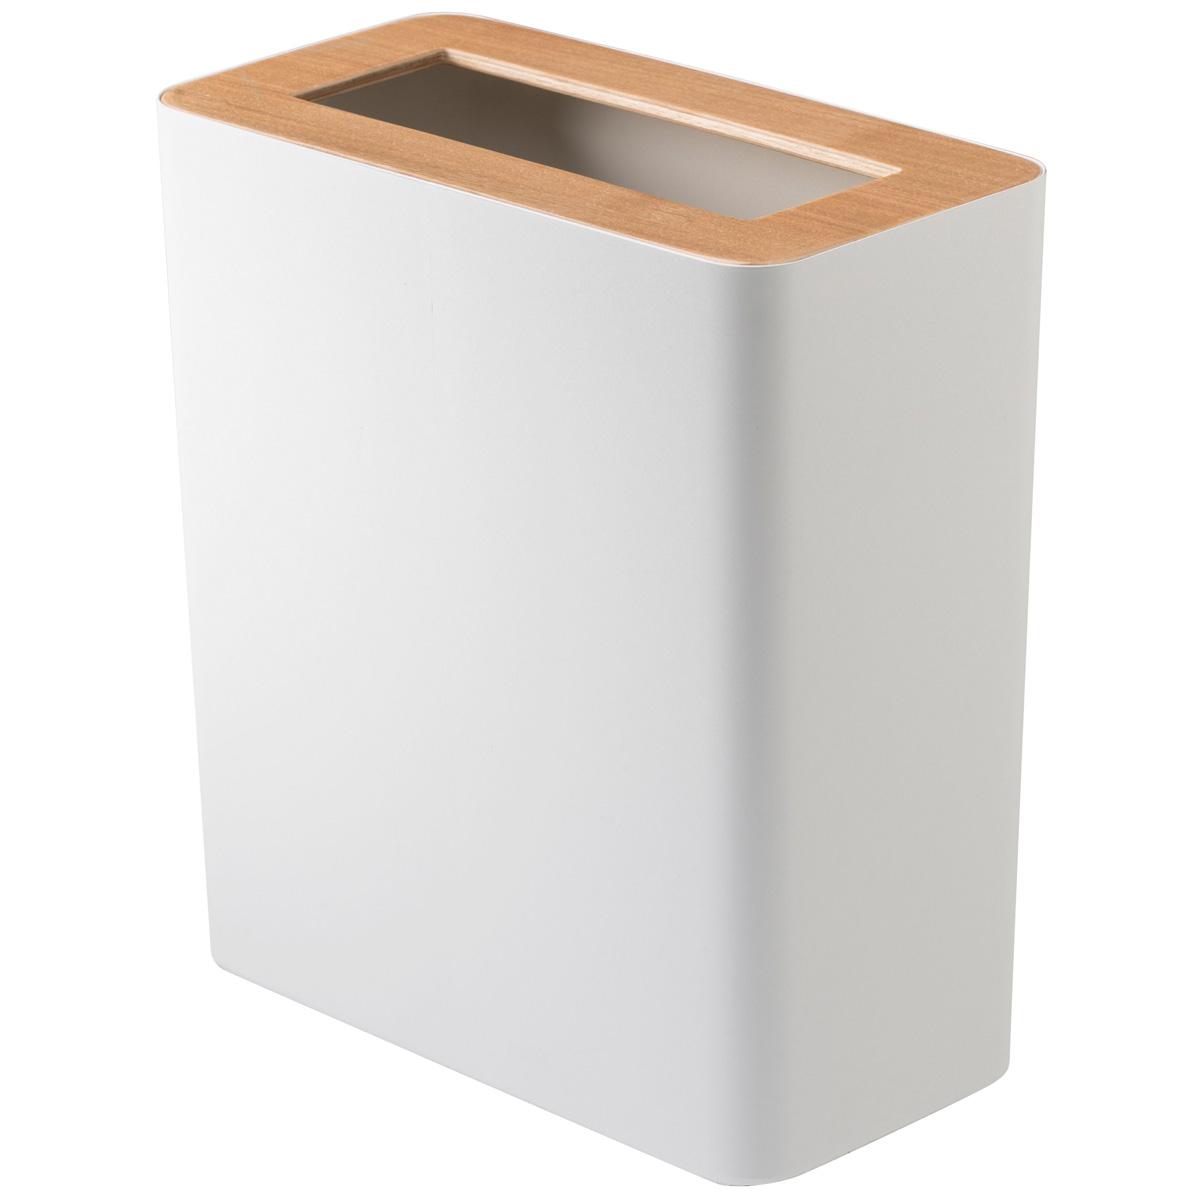 送料無料 山崎実業のゴミ箱 RIN セール特価 豪華な トラッシュカン 蓋付き 角型 ナチュラルがおしゃれ ゴミ箱 ナチュラル ダストボックス リン YAMAZAKI フタ付き 山崎実業 ごみ箱